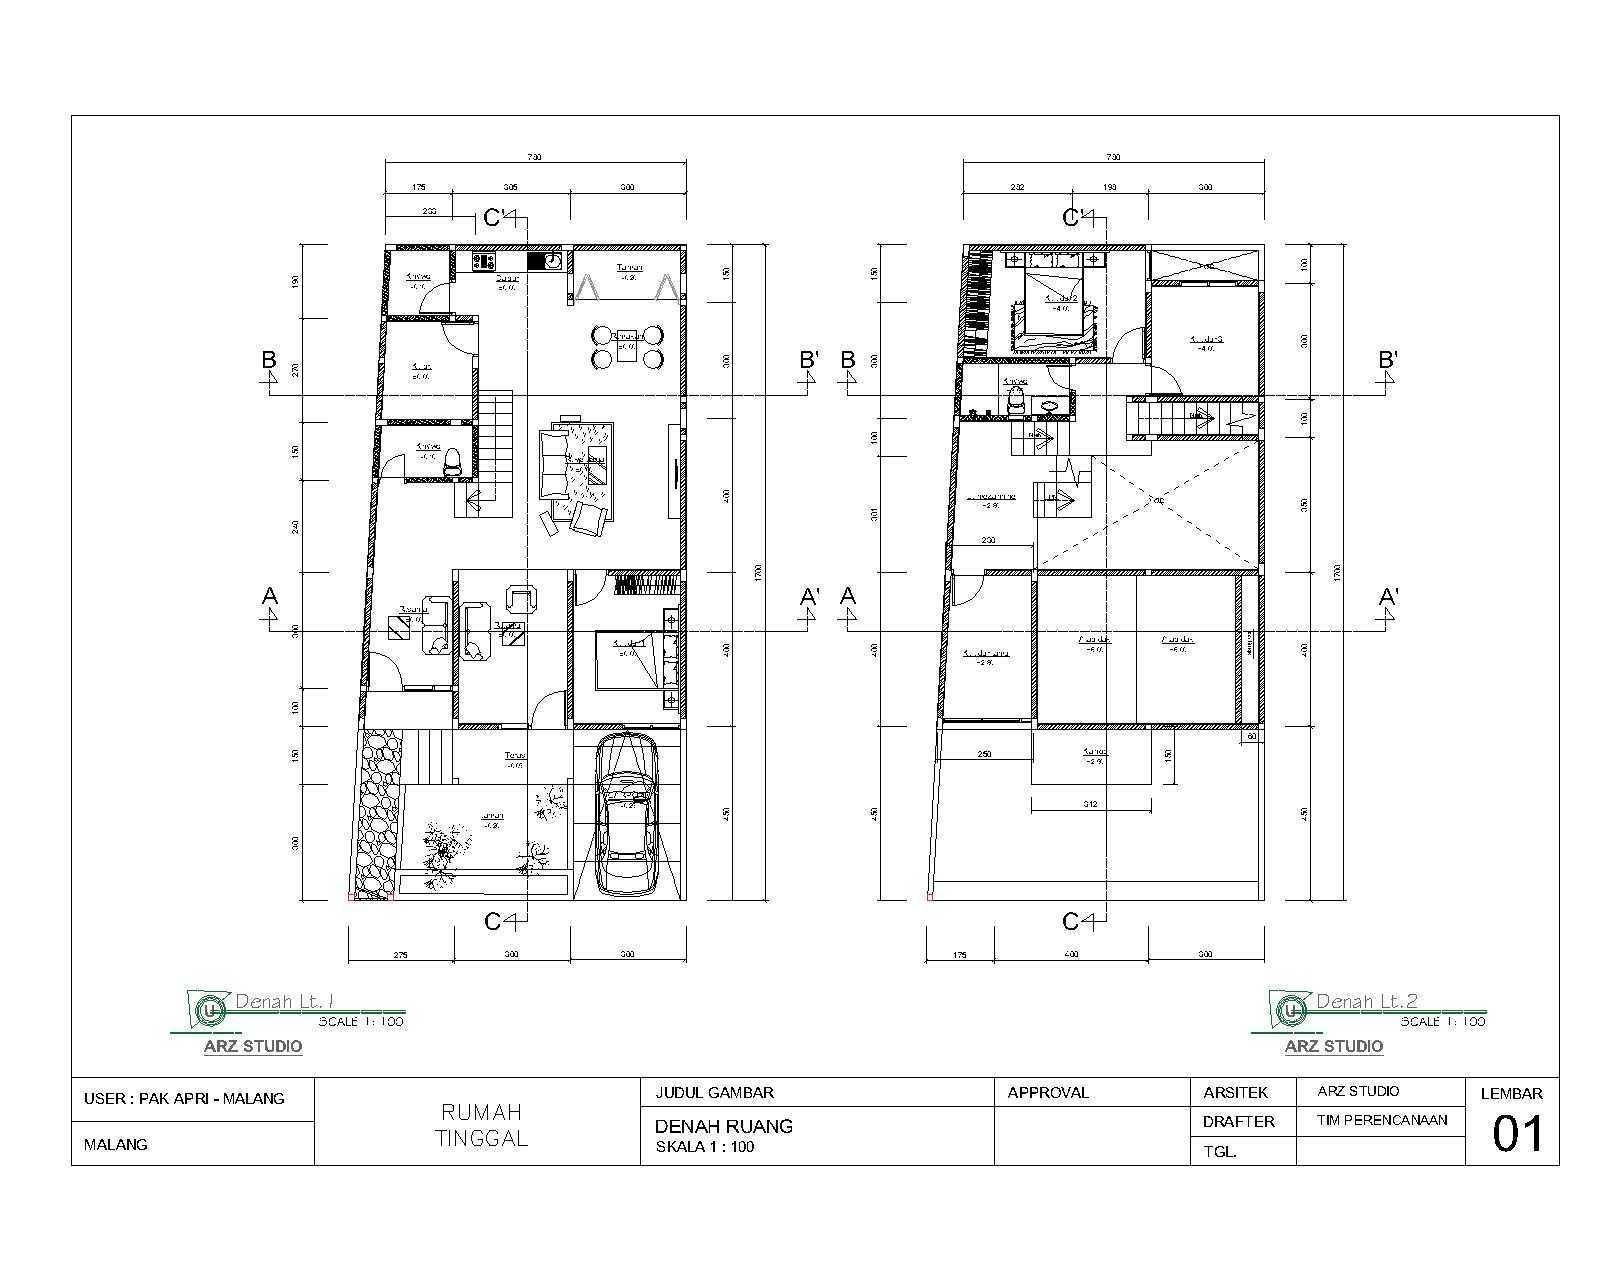 Arz Studio Pekerjaan Renovasi Rumah Bapak Apri  Singosari, Malang, Jawa Timur, Indonesia Singosari, Malang, Jawa Timur, Indonesia Denah-Ruang-Lt-1-2 Minimalis <P>Concept</p> 45348